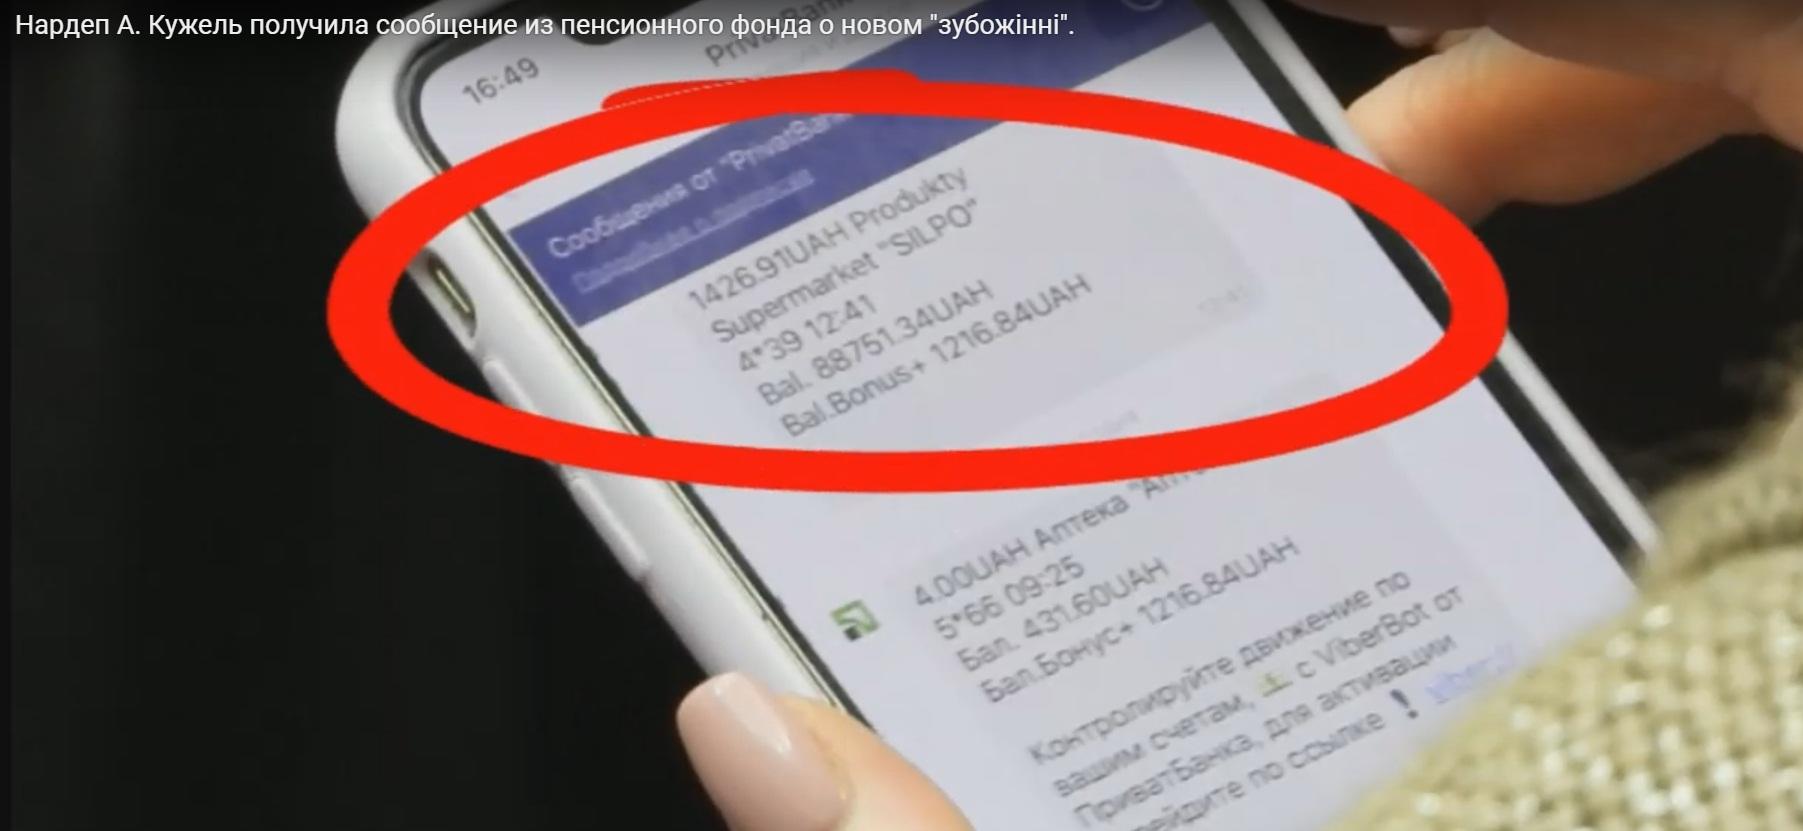 Нардеп А. Кужель получила сообщение из пенсионного фонда о новом «зубожінні»